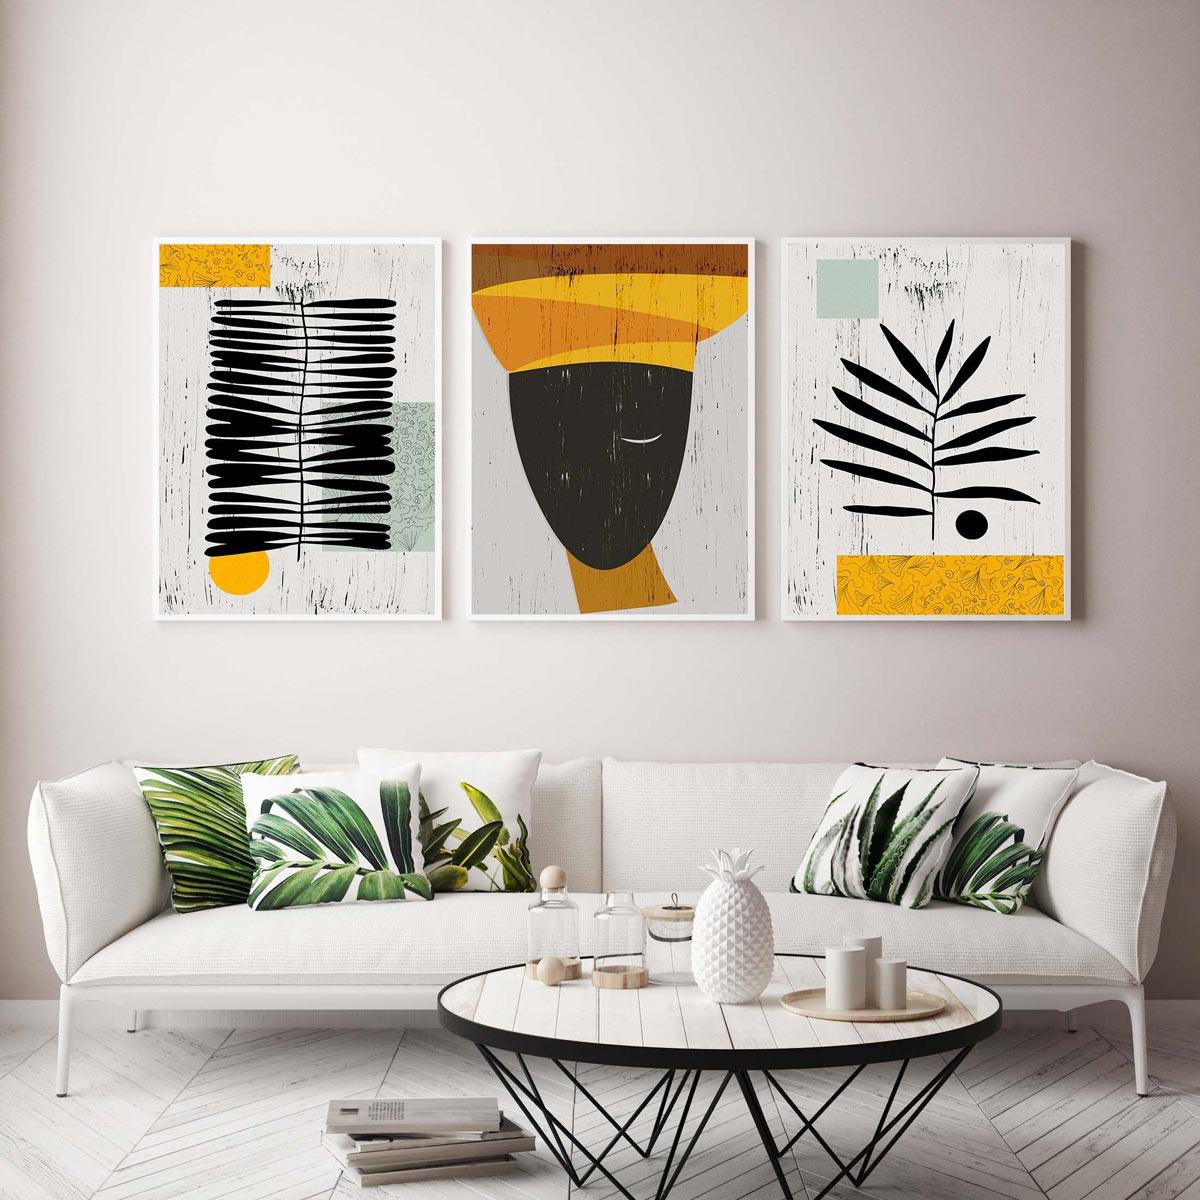 Quadri moderni stile etnico in soggiorno sopra al divano.